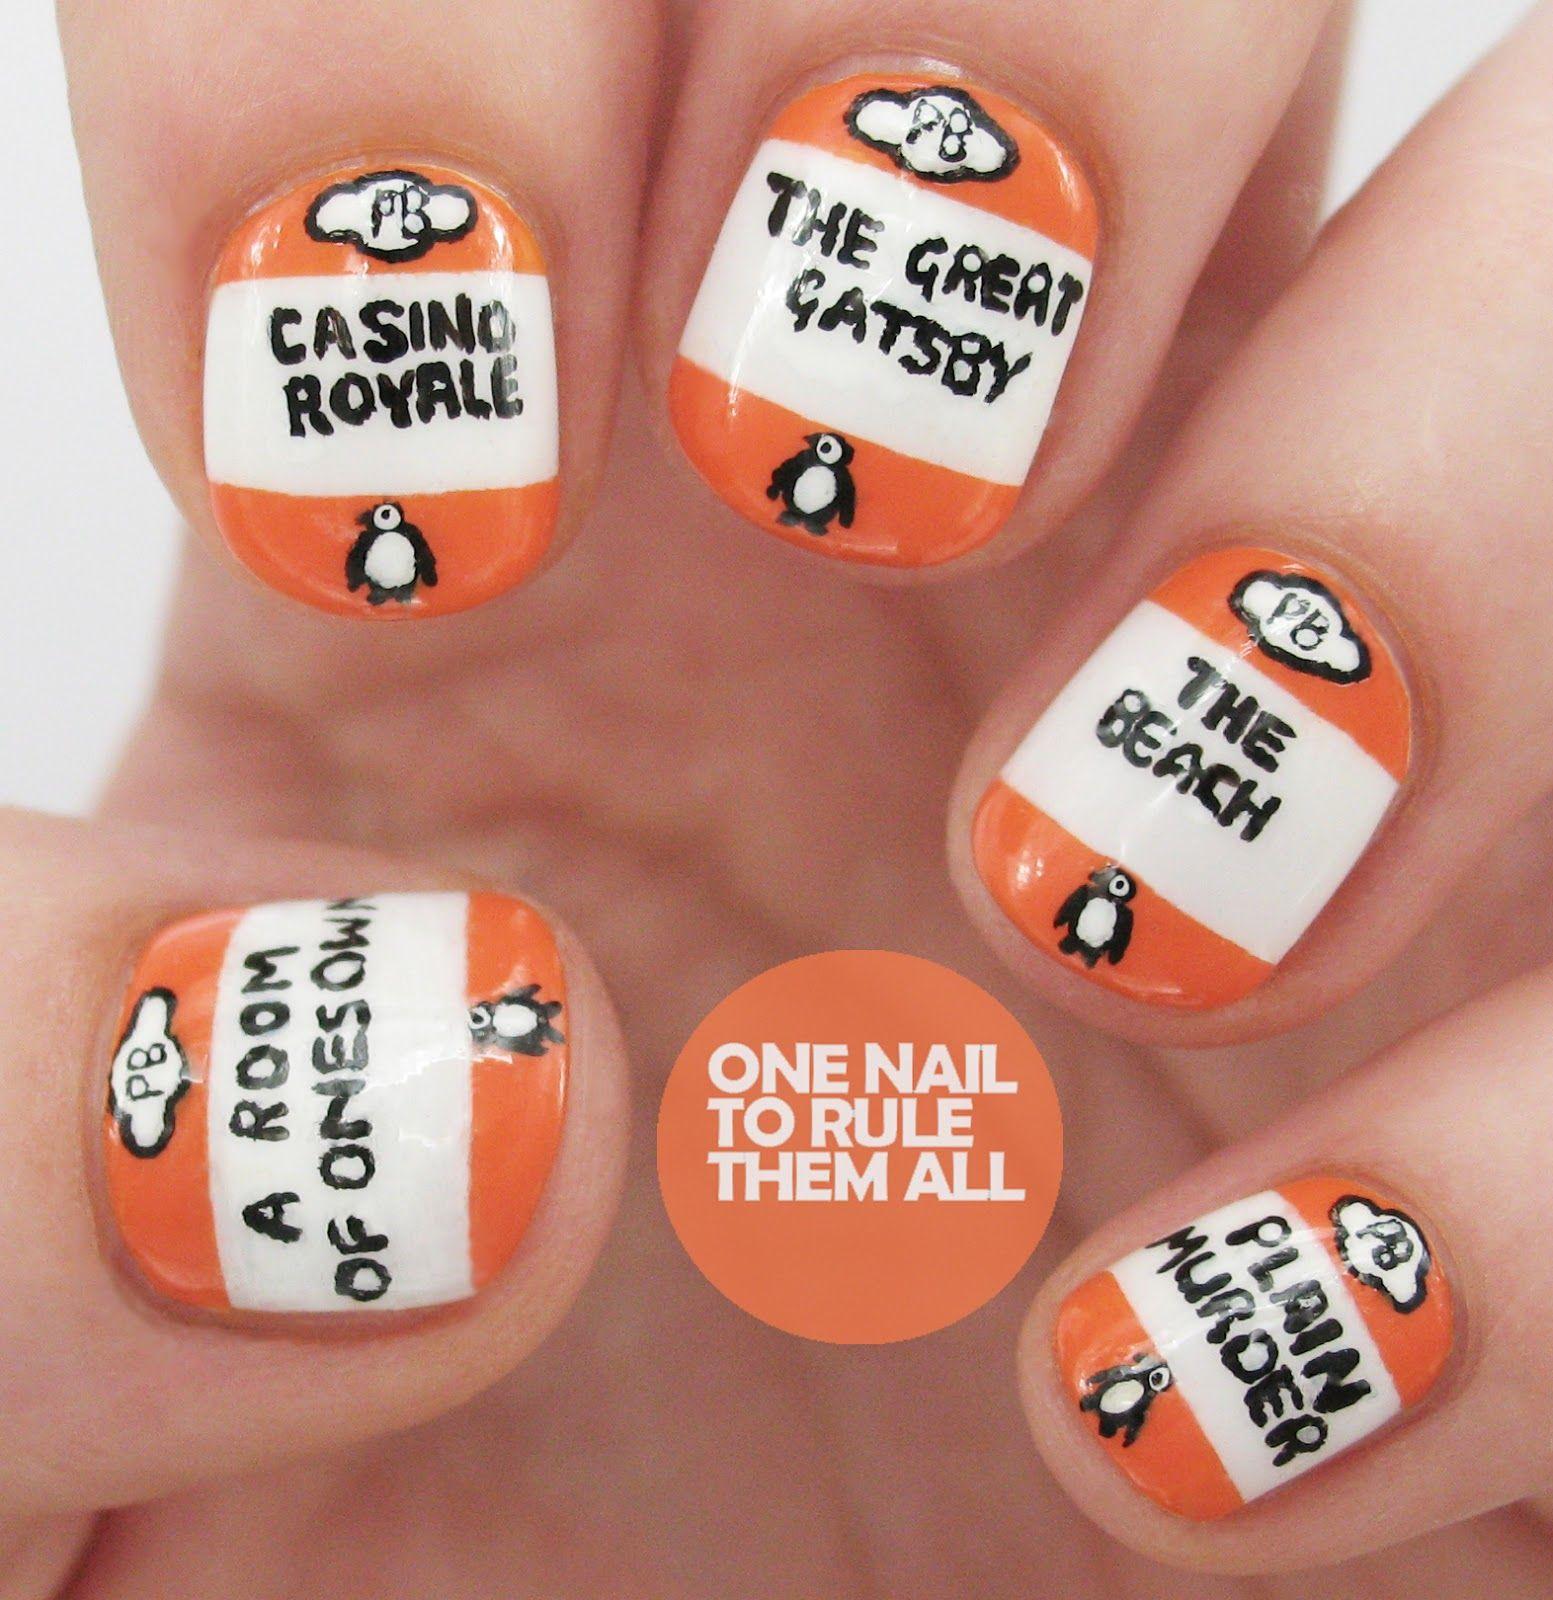 Award Winning British Nail Art Blog To Make Pinterest Penguin